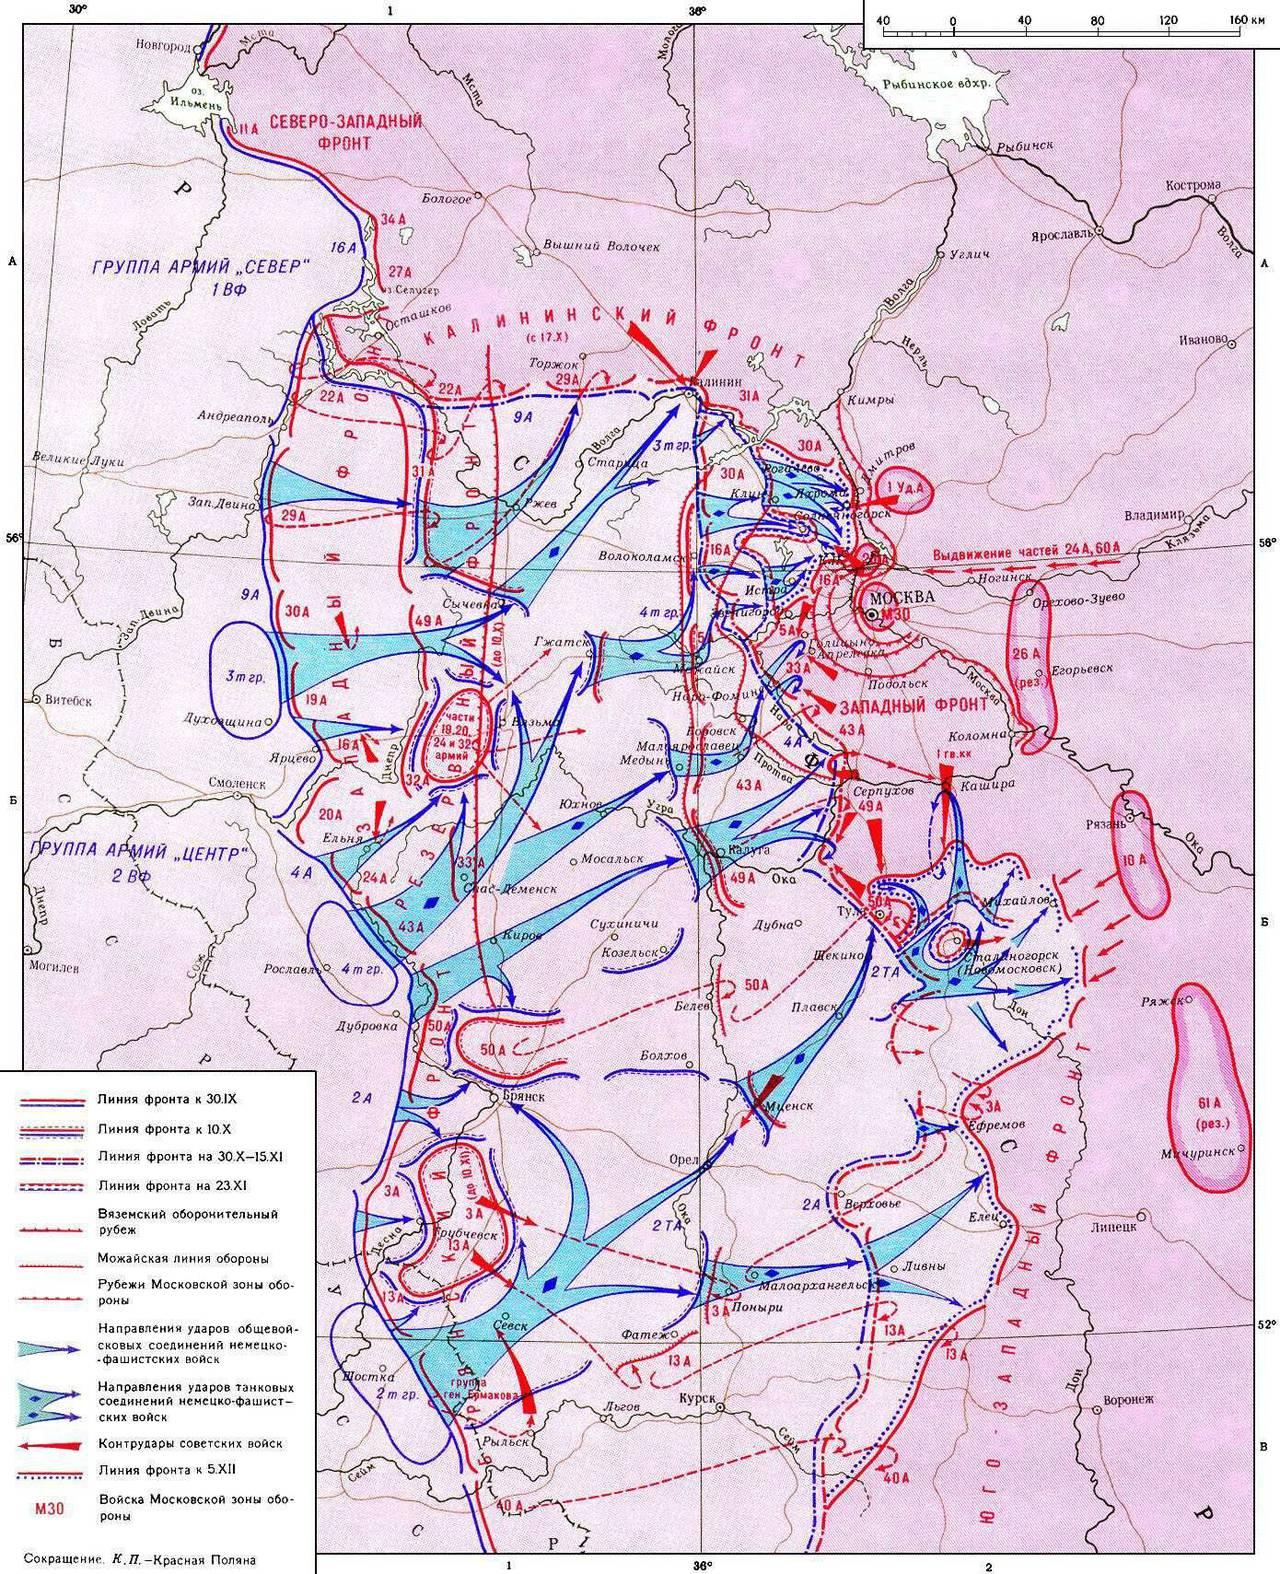 карта схема положение войск южного фронта